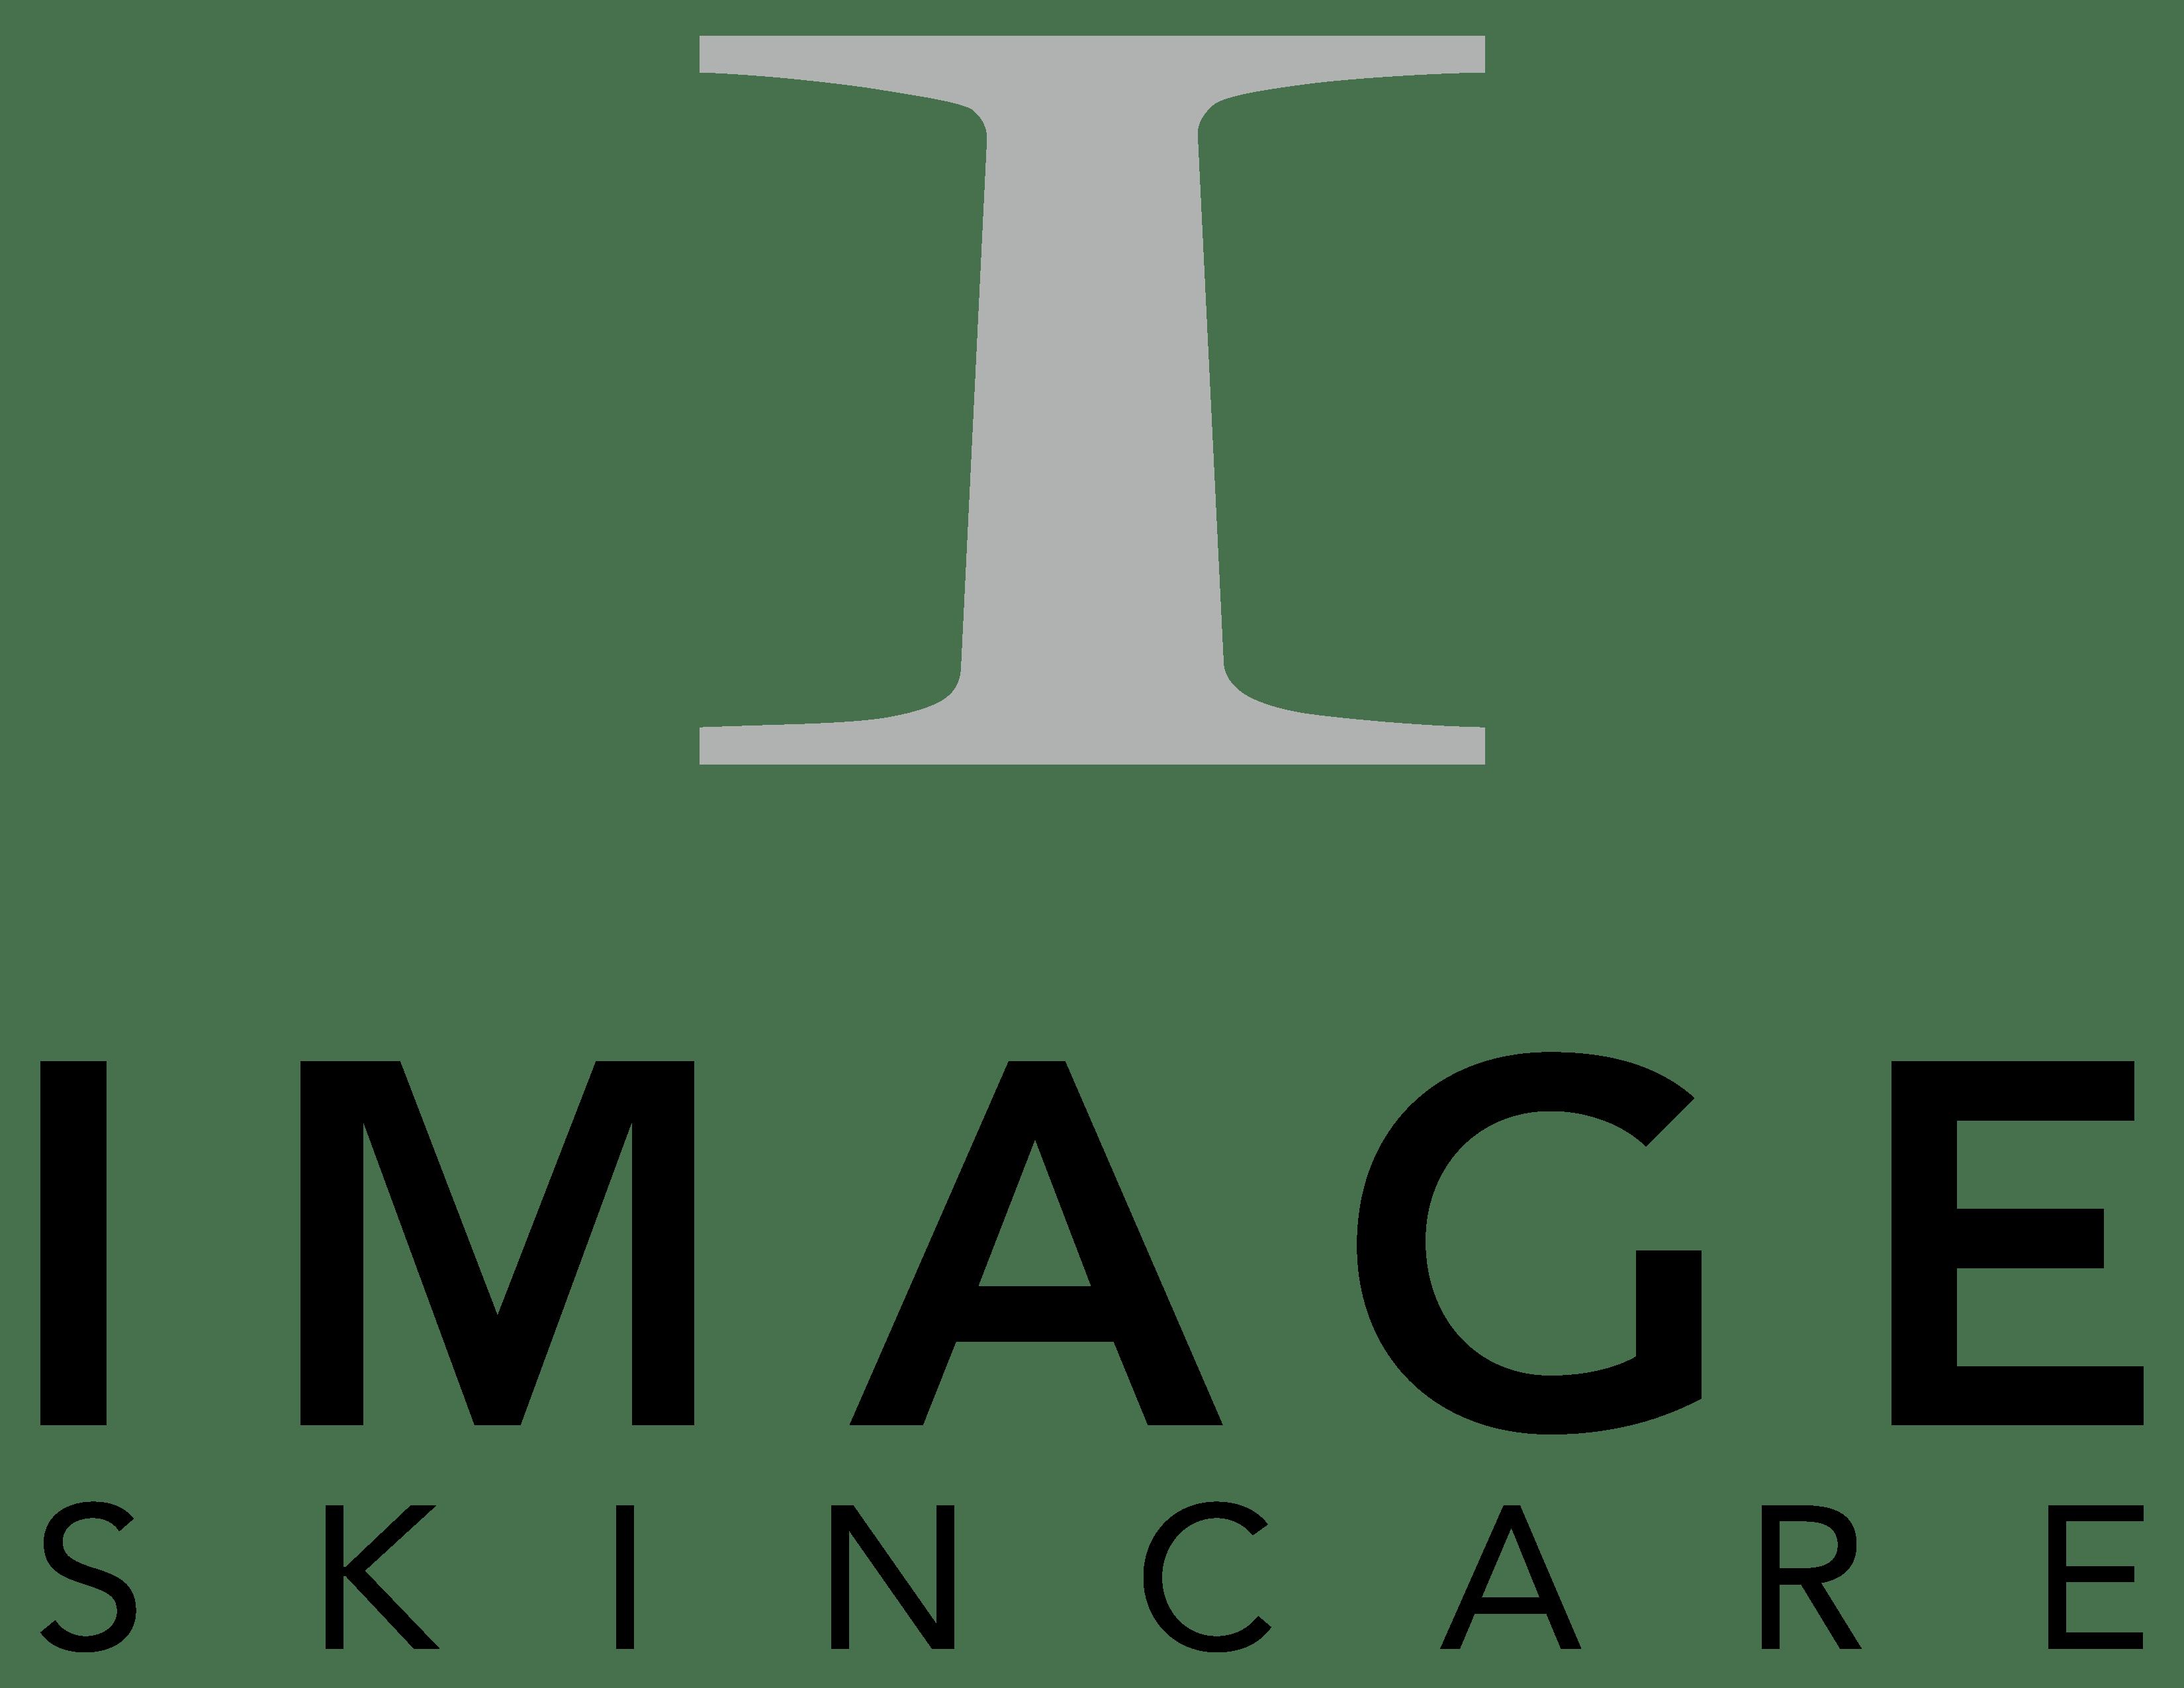 Skin Care Brand Image Skincare